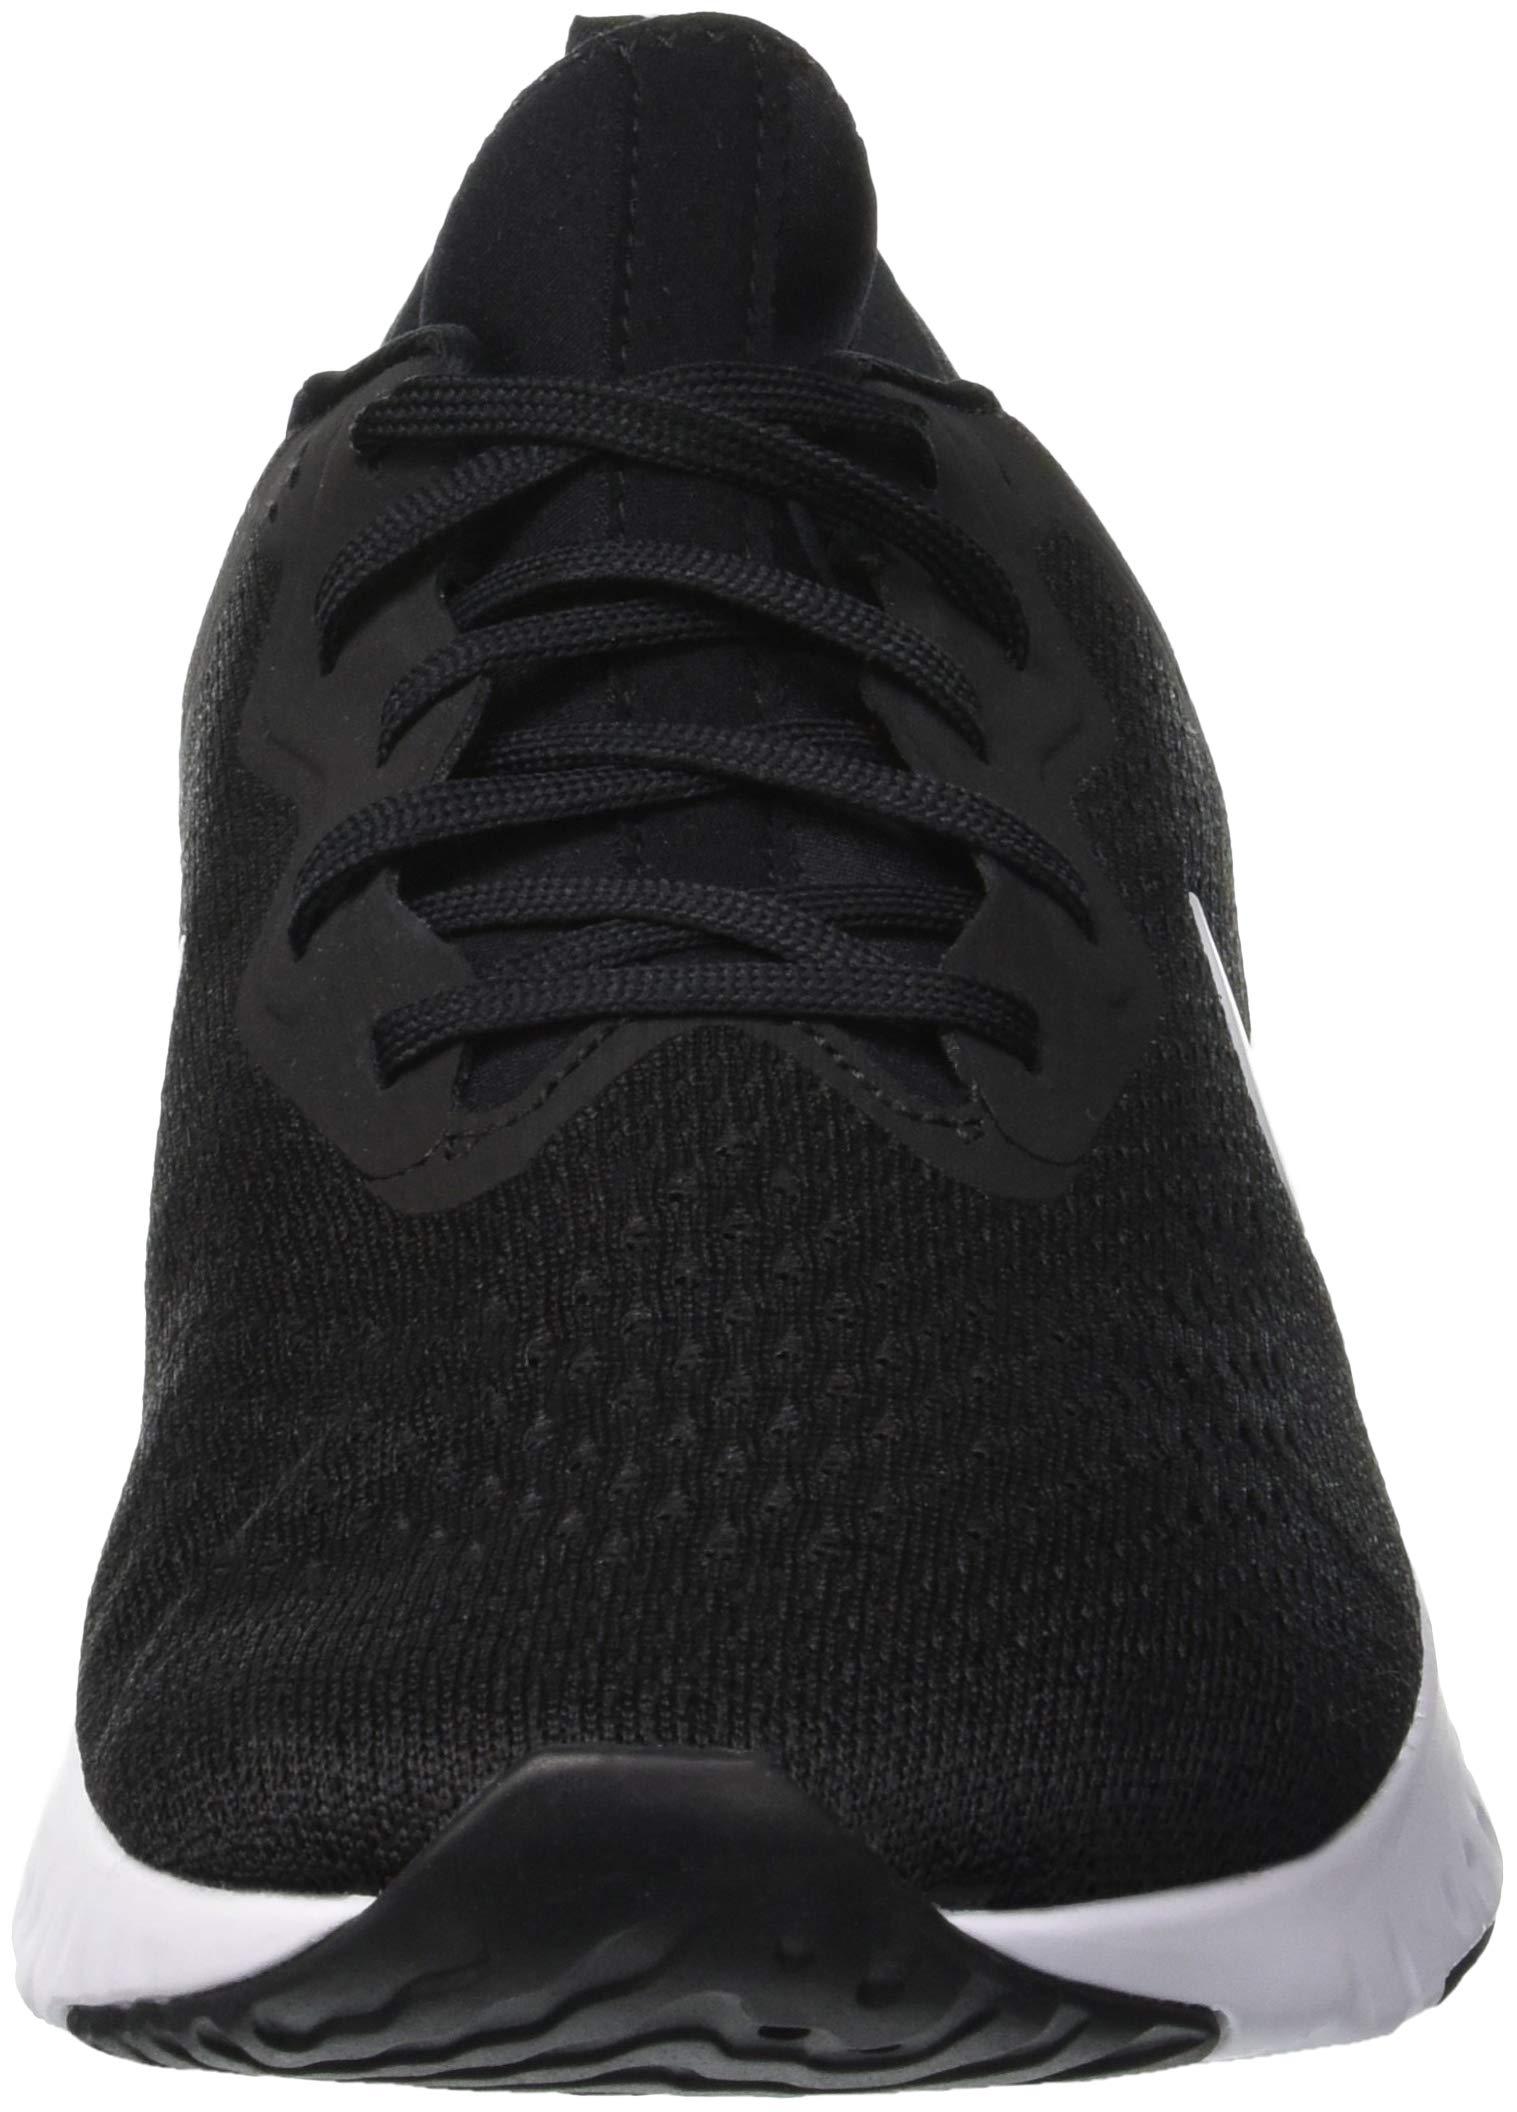 Nike Men's Odyssey React Running Shoe Black/White-Wolf Grey 7.5 by Nike (Image #4)